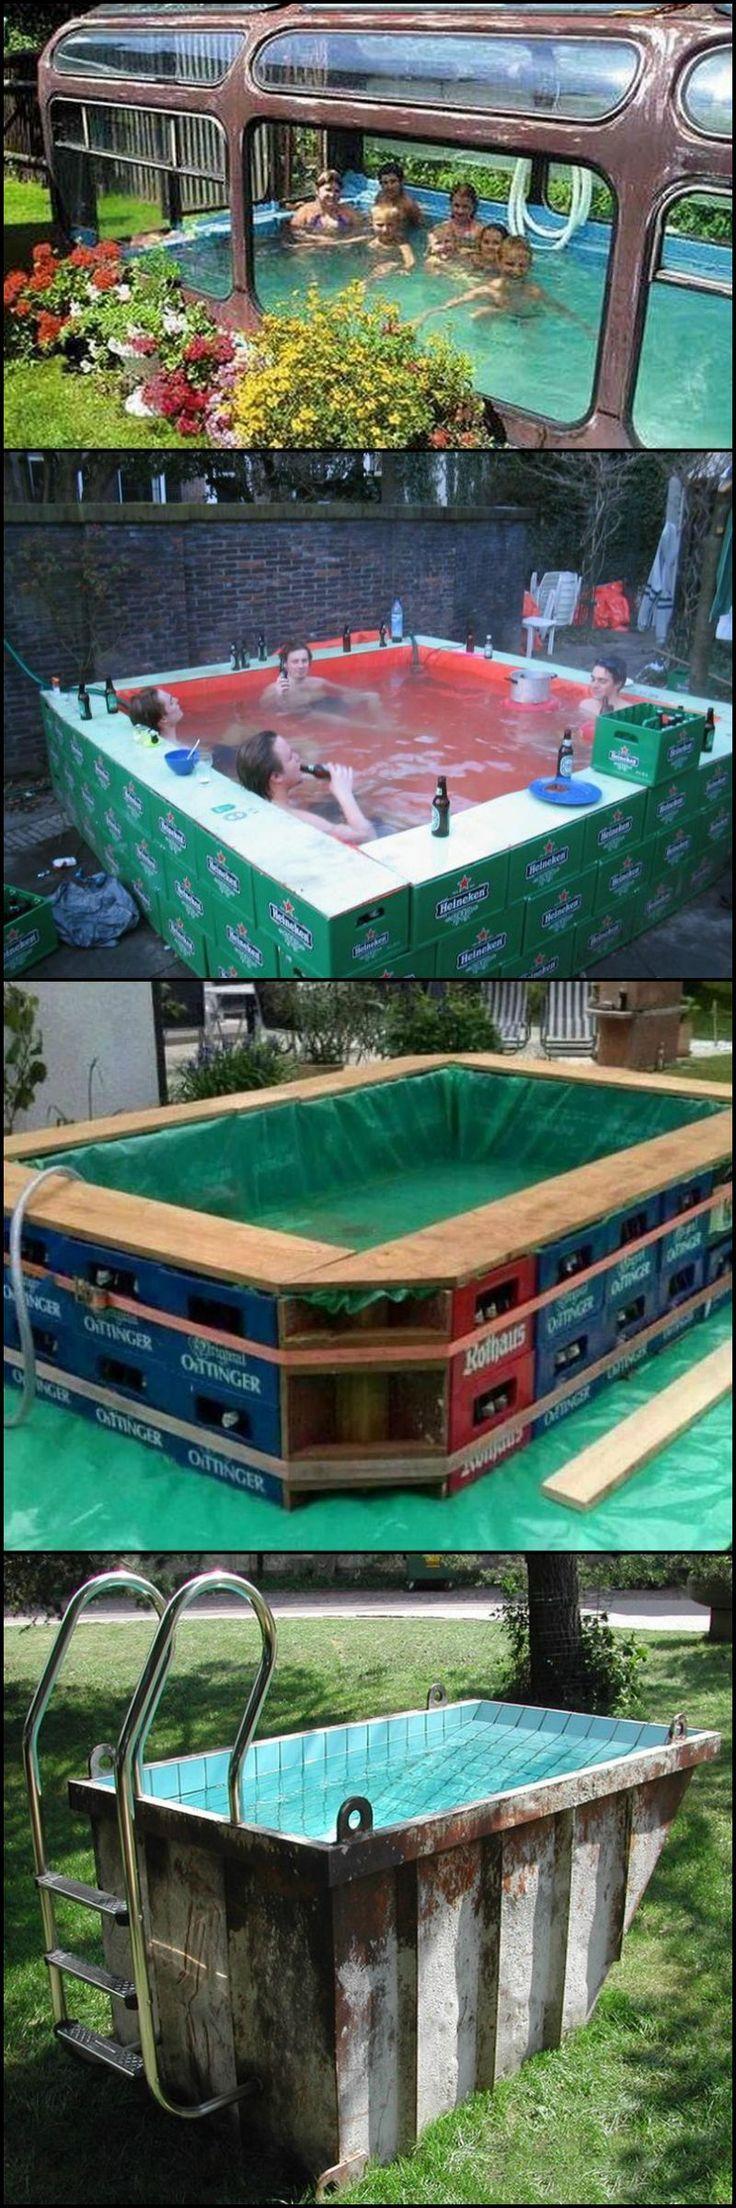 Dies ist eine interessante, kreative und kostengünstige Möglichkeit, einen eigenen Schwimm – Beste Garten Dekoration